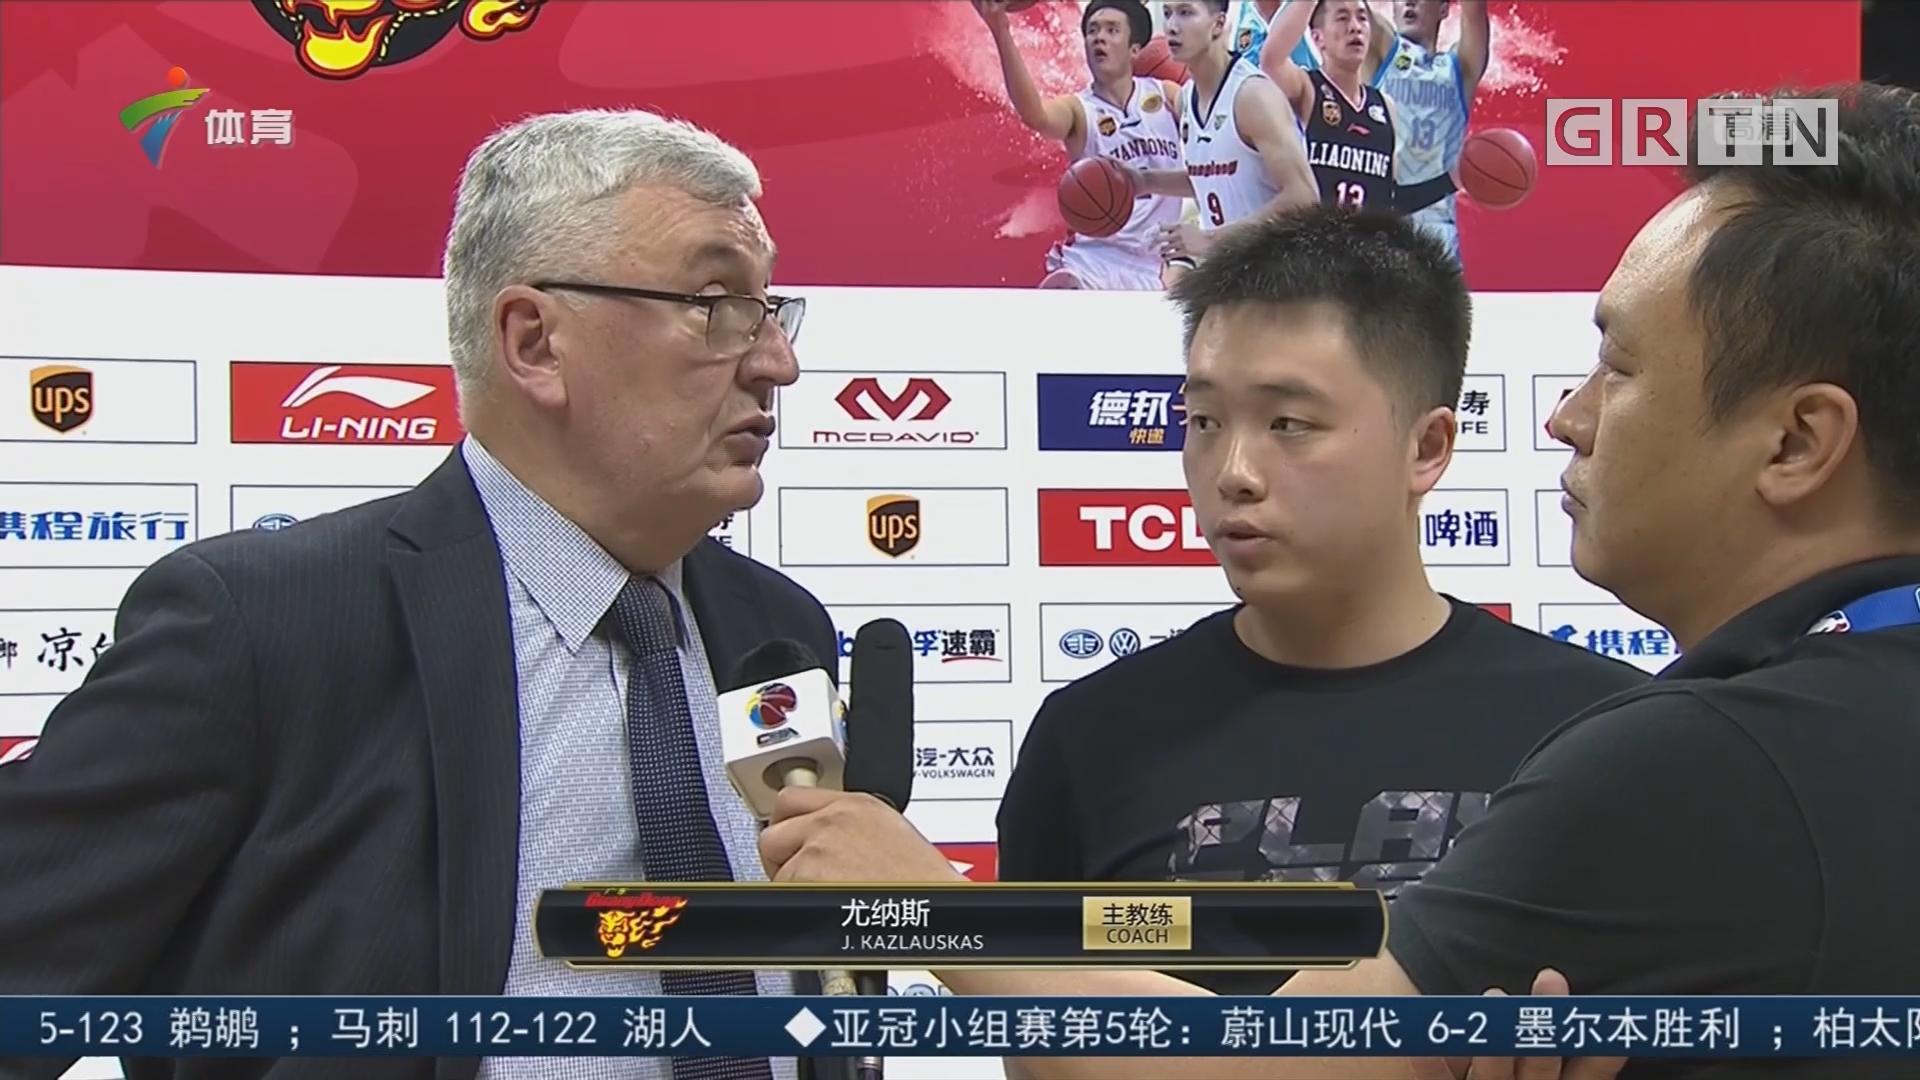 陈阳——特约篮球评述员